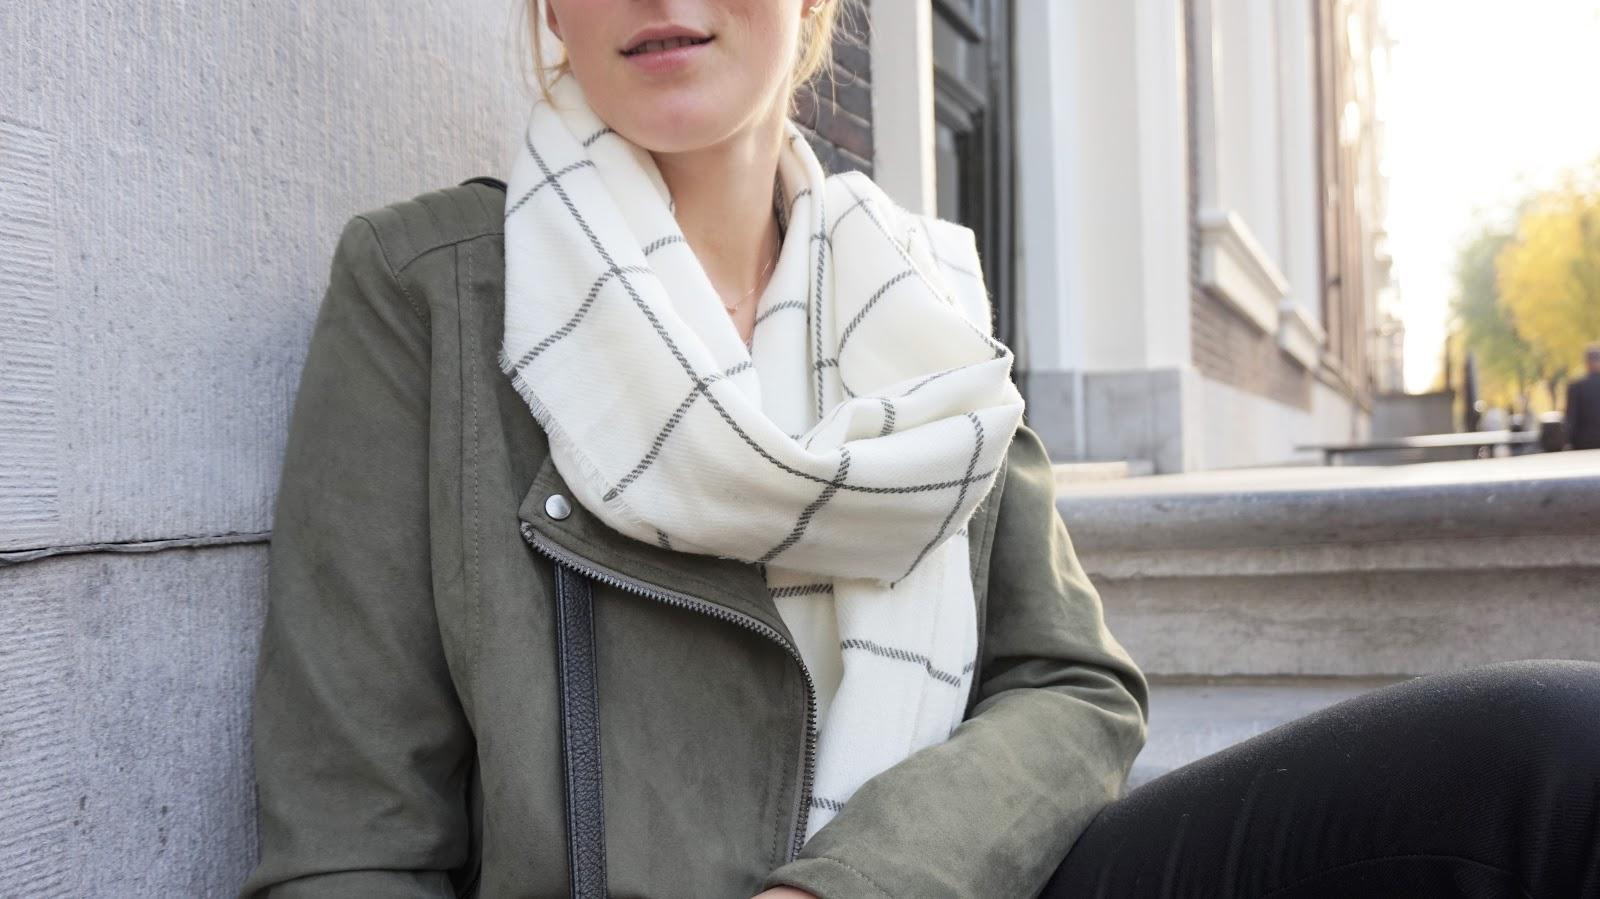 DSC09744 | Eline Van Dingenen